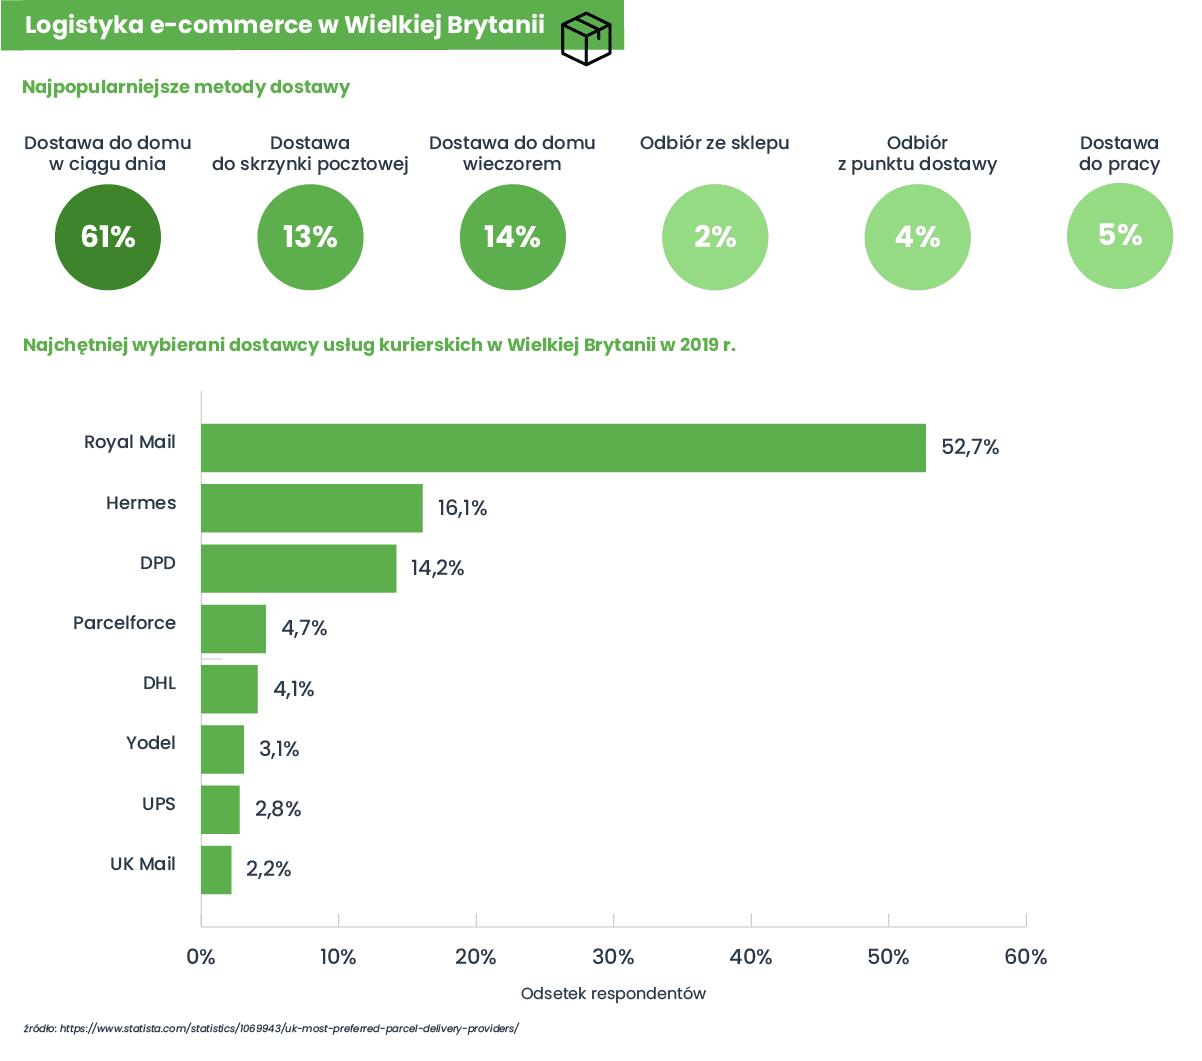 logistyka e-commerce w Wielkiej Brytanii